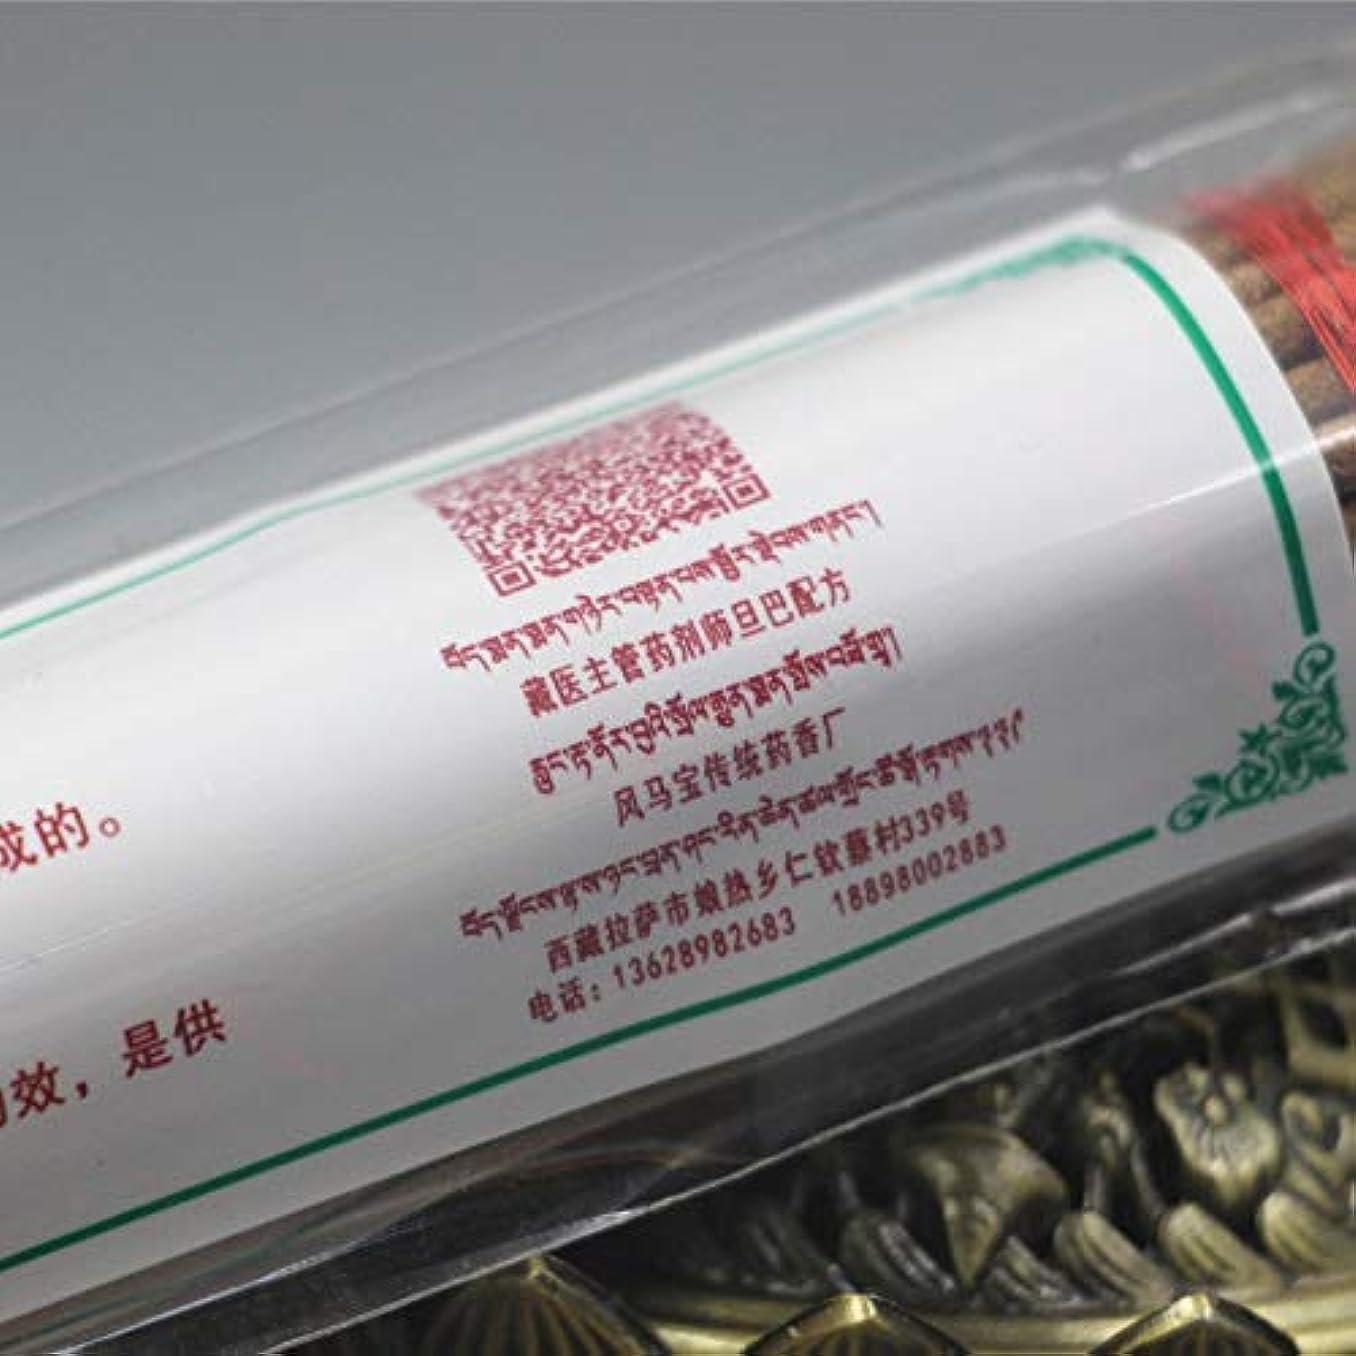 デコードする明らかめるDiatems - 沈香の宝物チベットのお香チベット手作りの純粋な植物自然医学の香りの家の38人のフレーバーがスリープアロマ香の助けを落ち着かせます